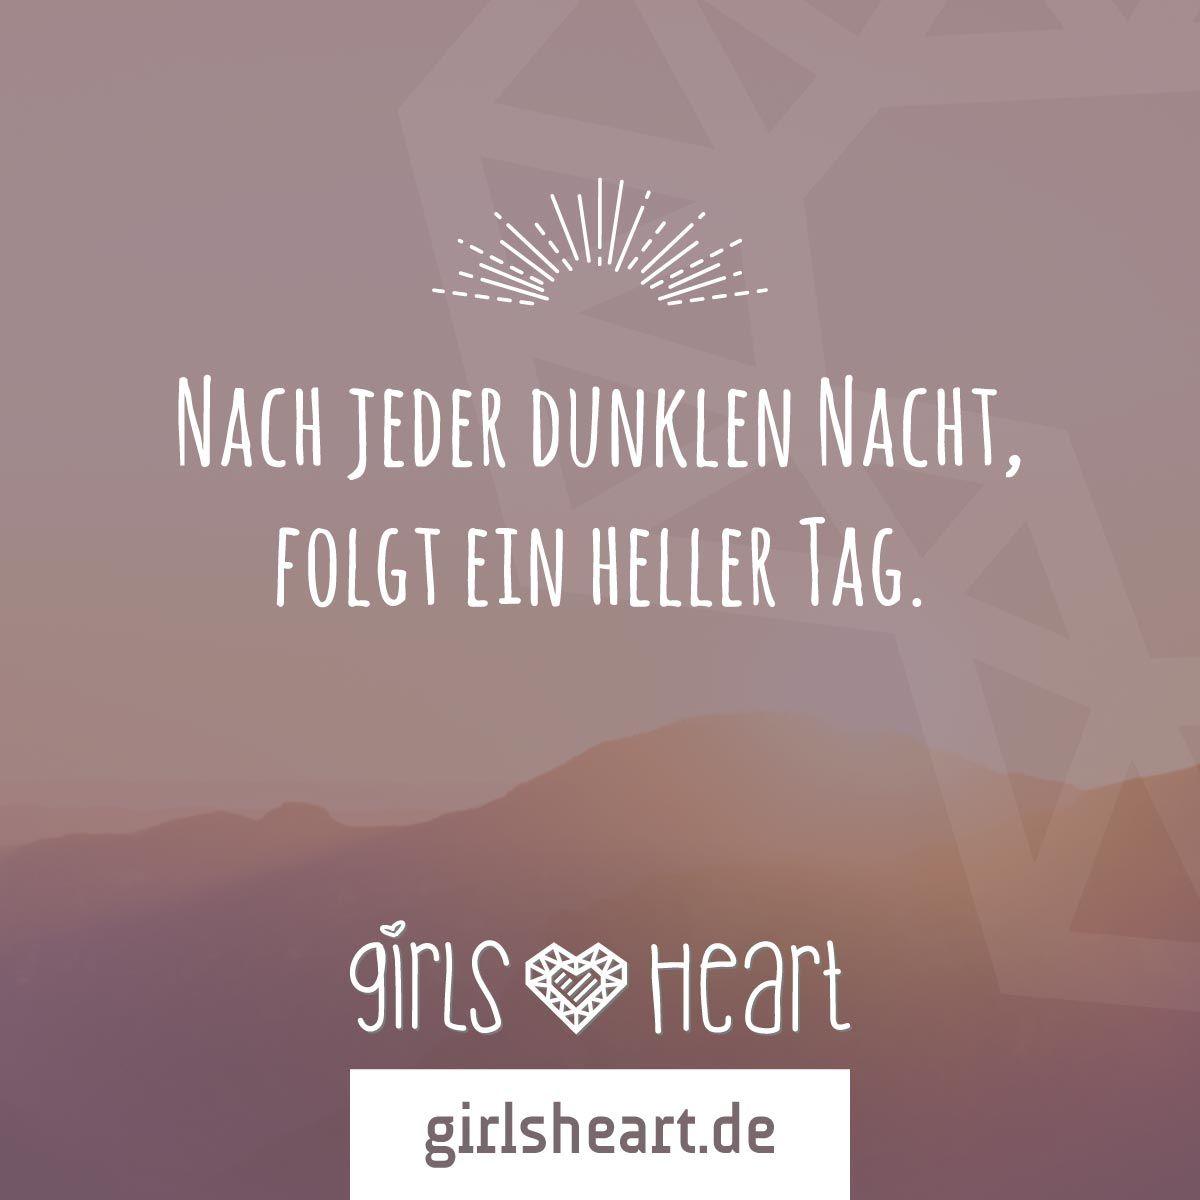 Morgen Sieht Alles Schon Ganz Anders Aus. Mehr Sprüche Auf: Www.girlsheart.